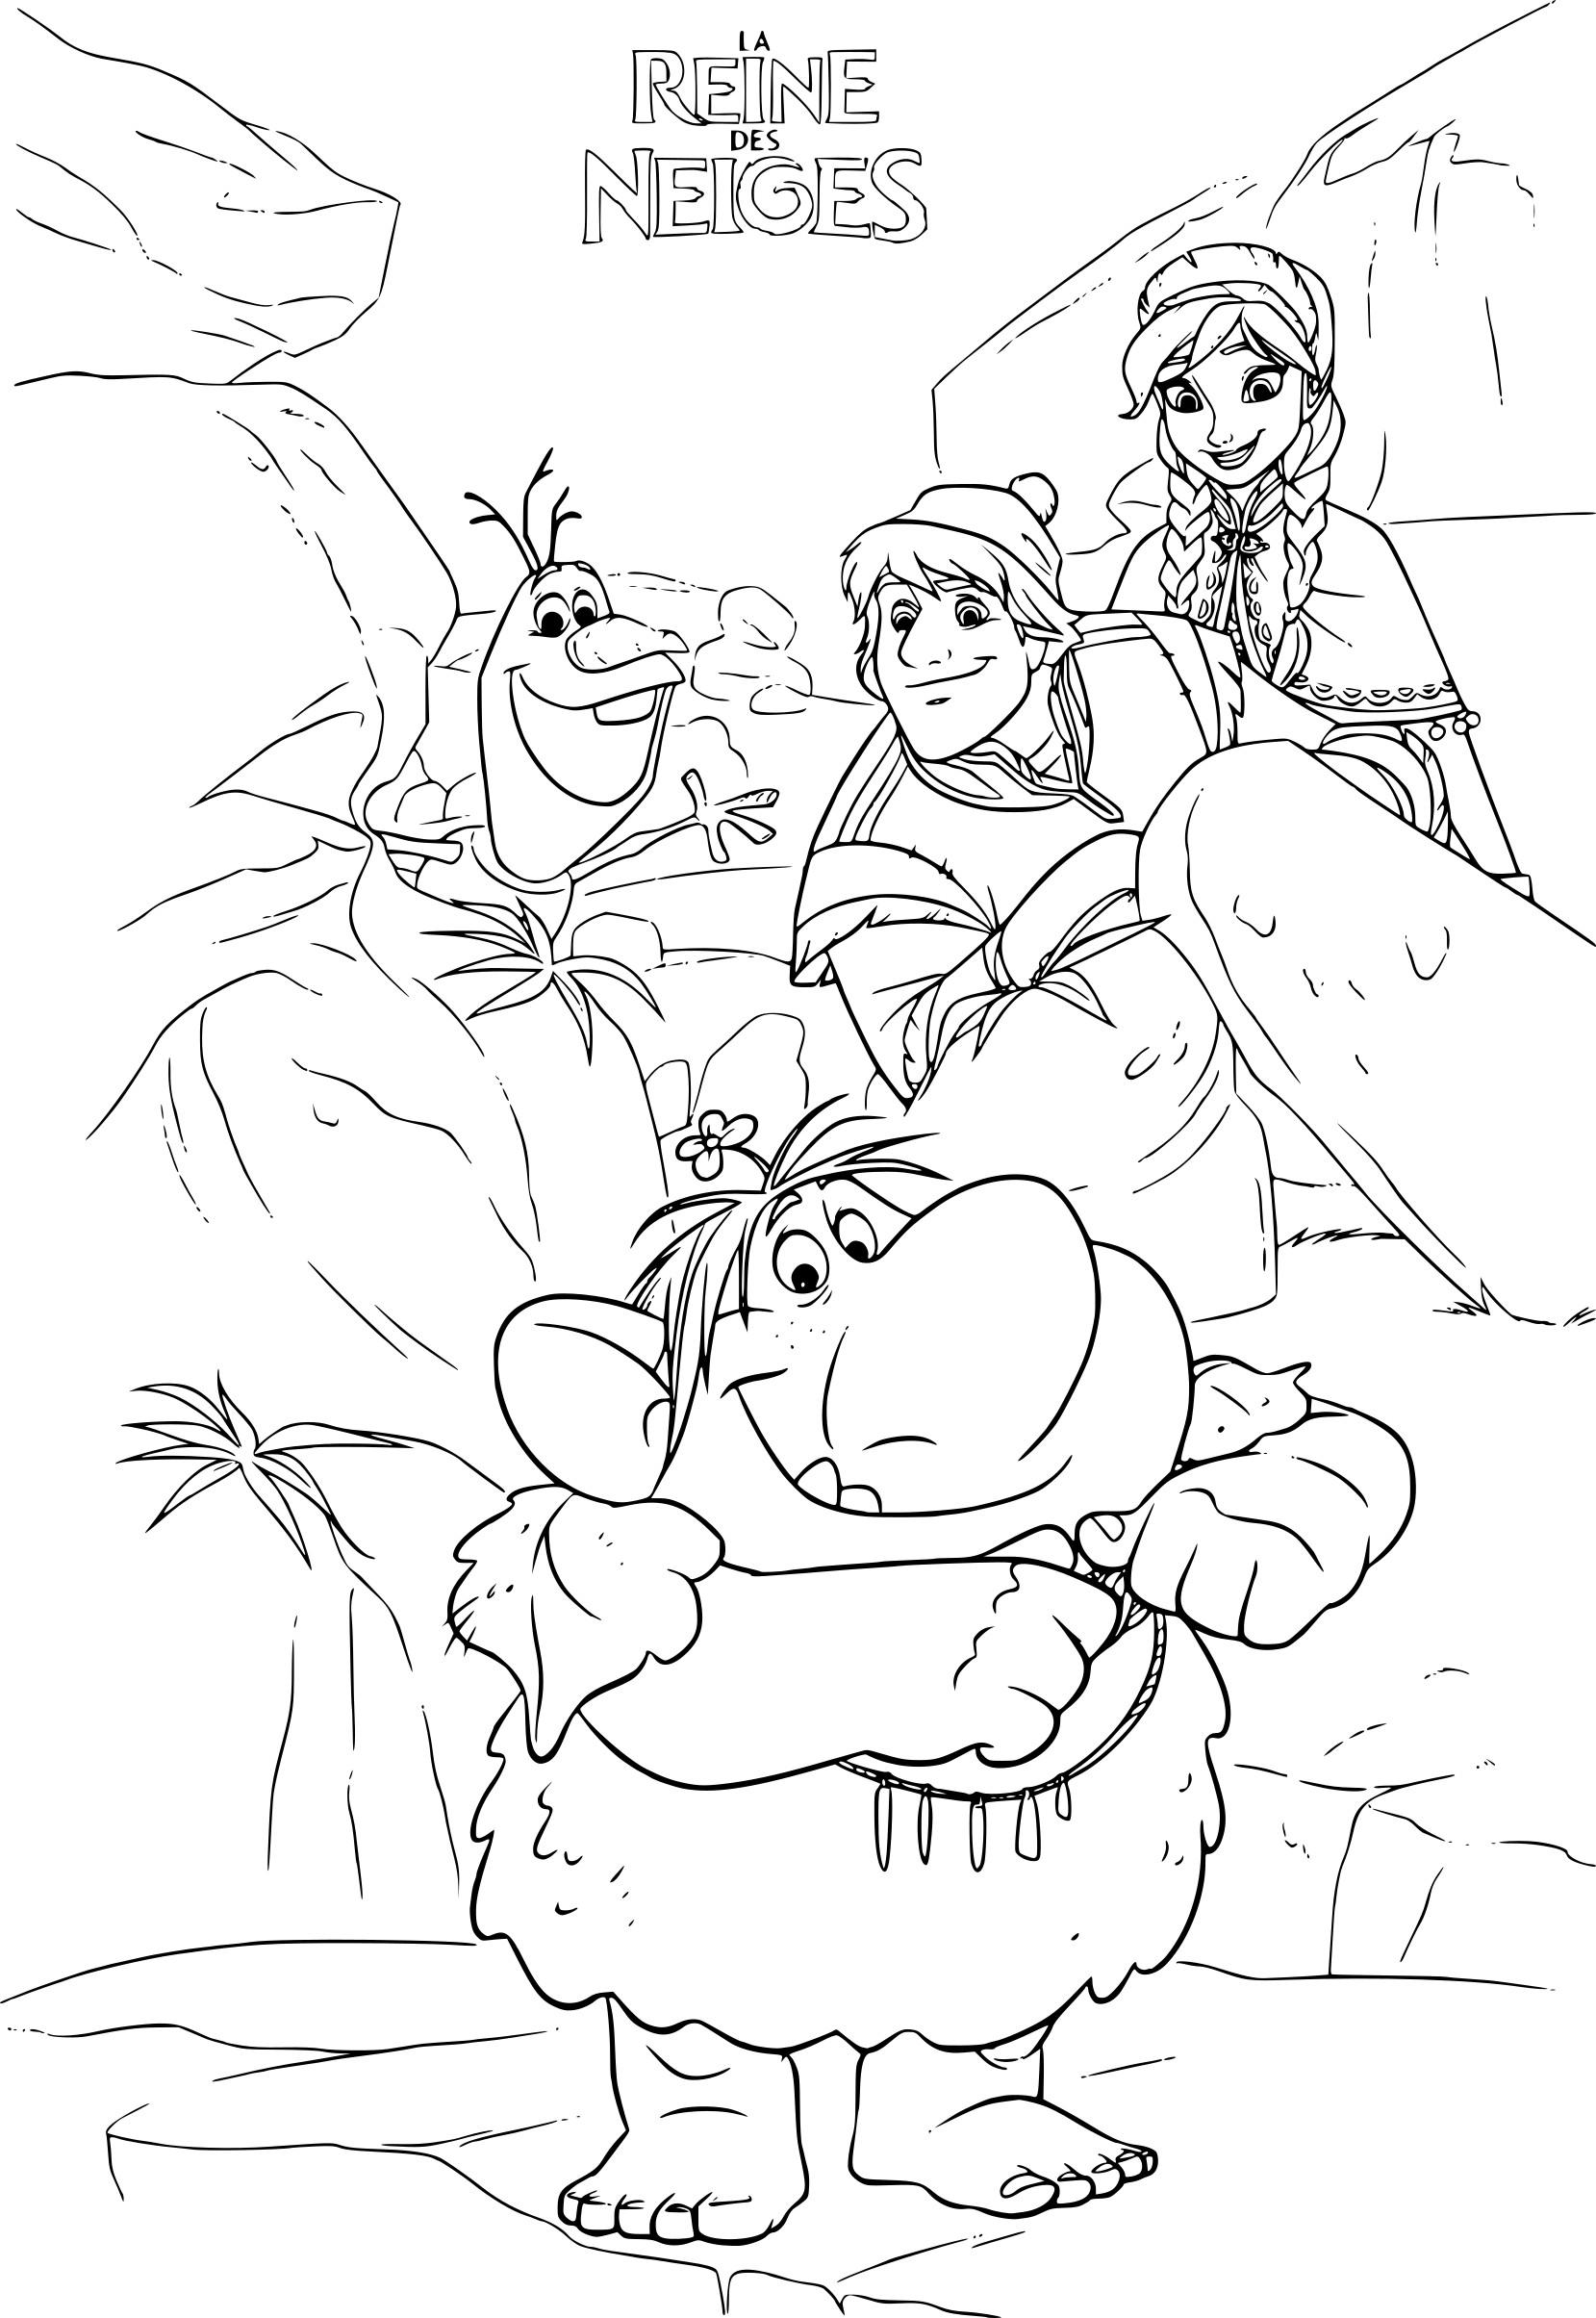 Coloriage La Reine des neiges 2 à imprimer sur COLORIAGES ...